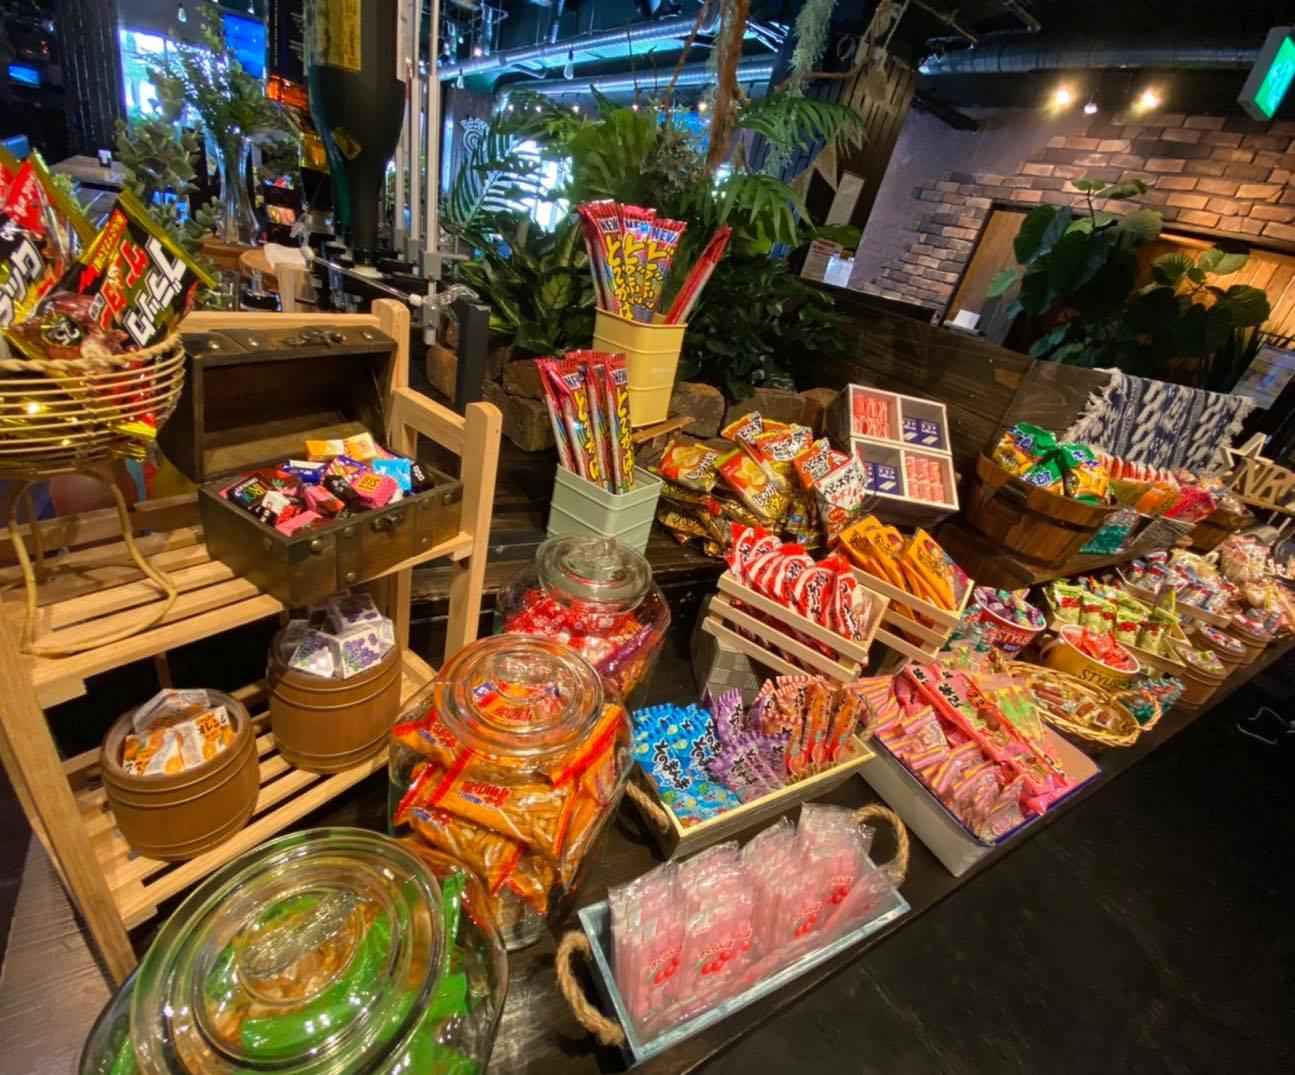 100種類以上のお菓子食べ放題